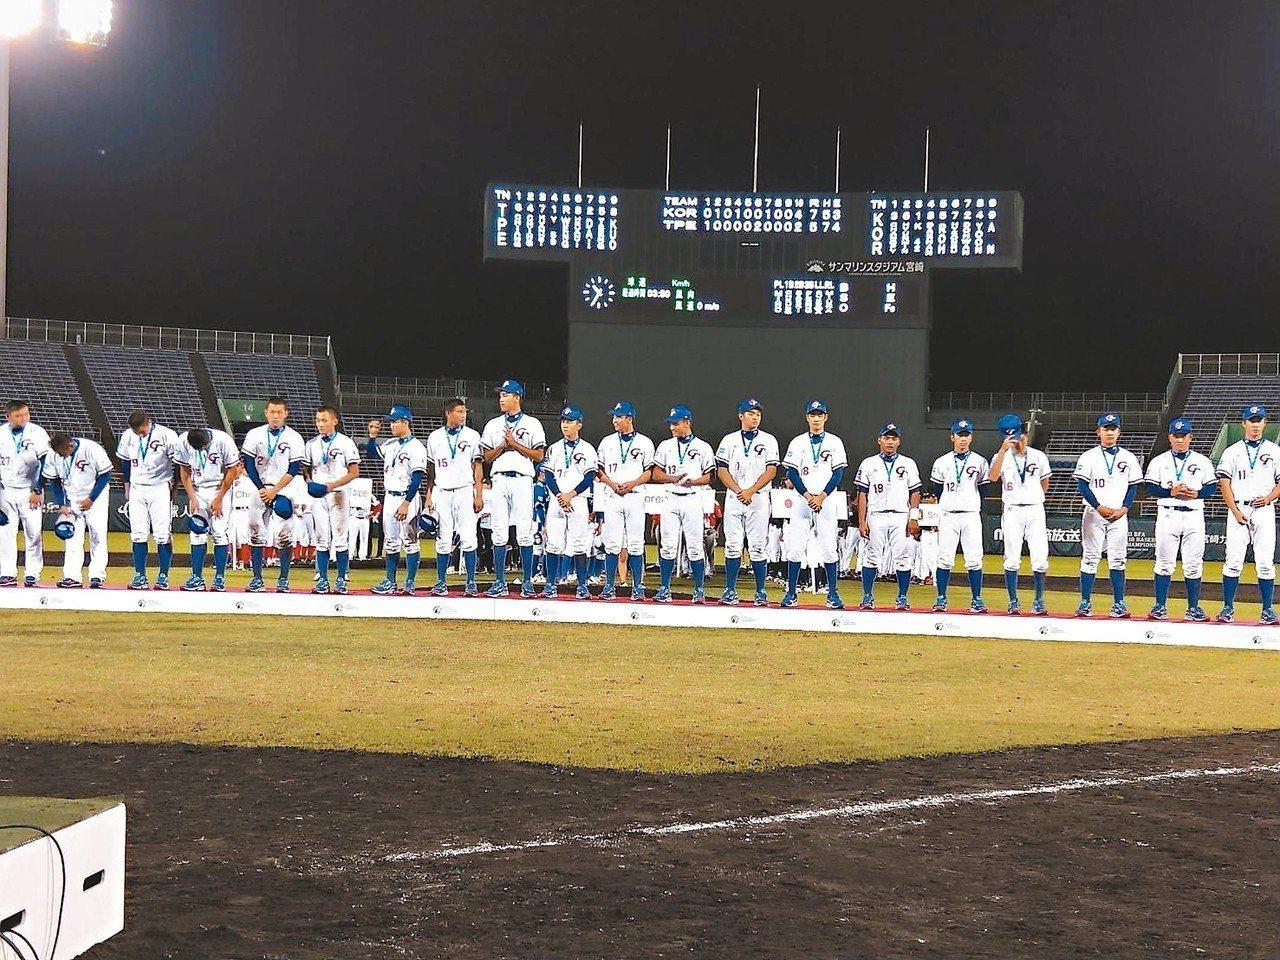 中華隊在亞洲青棒賽獲得亞軍,領獎後球員沒有笑容。 記者婁靖平/攝影